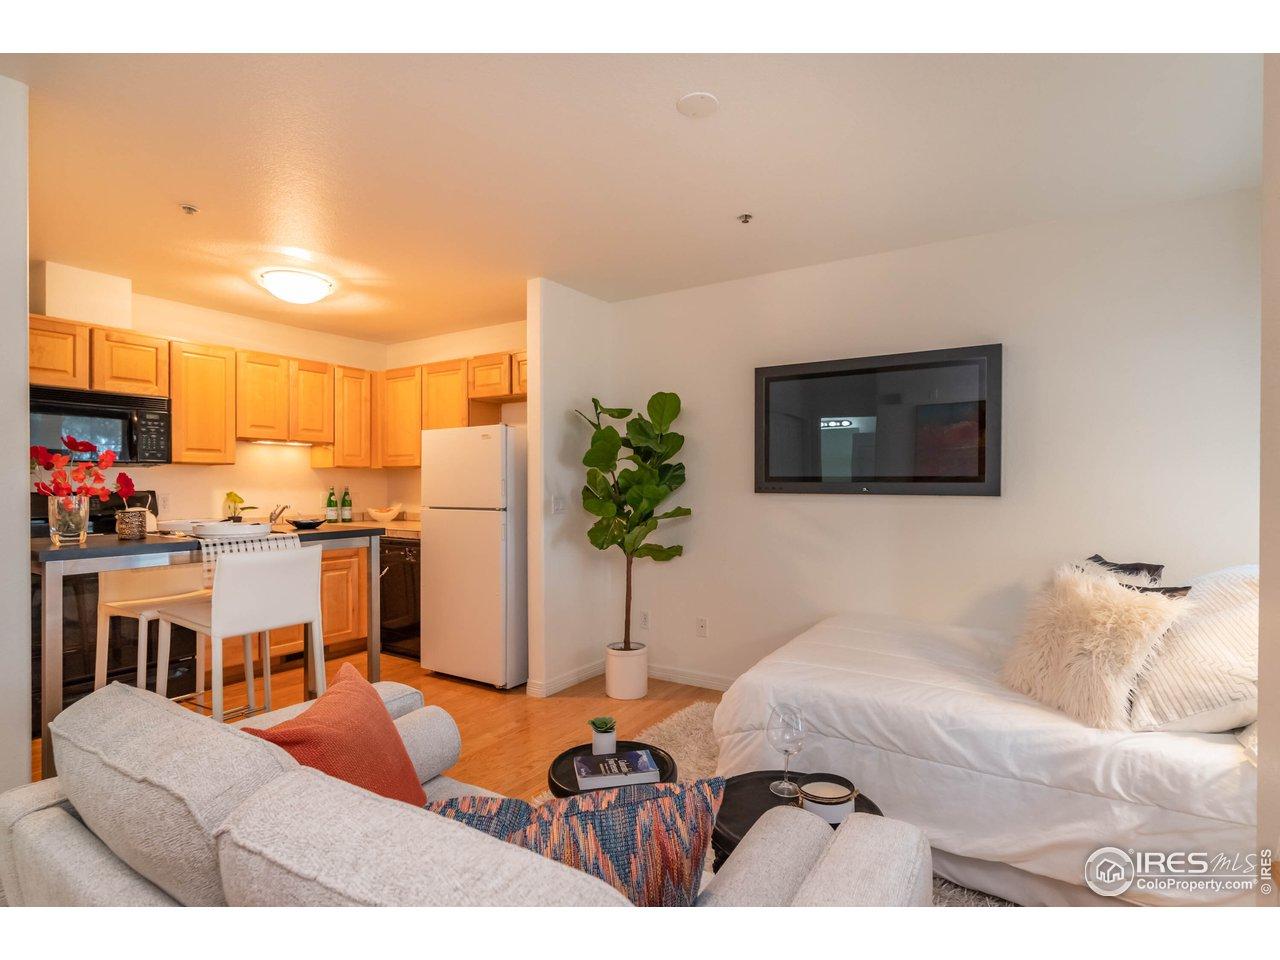 Living Room /Bedroom Area